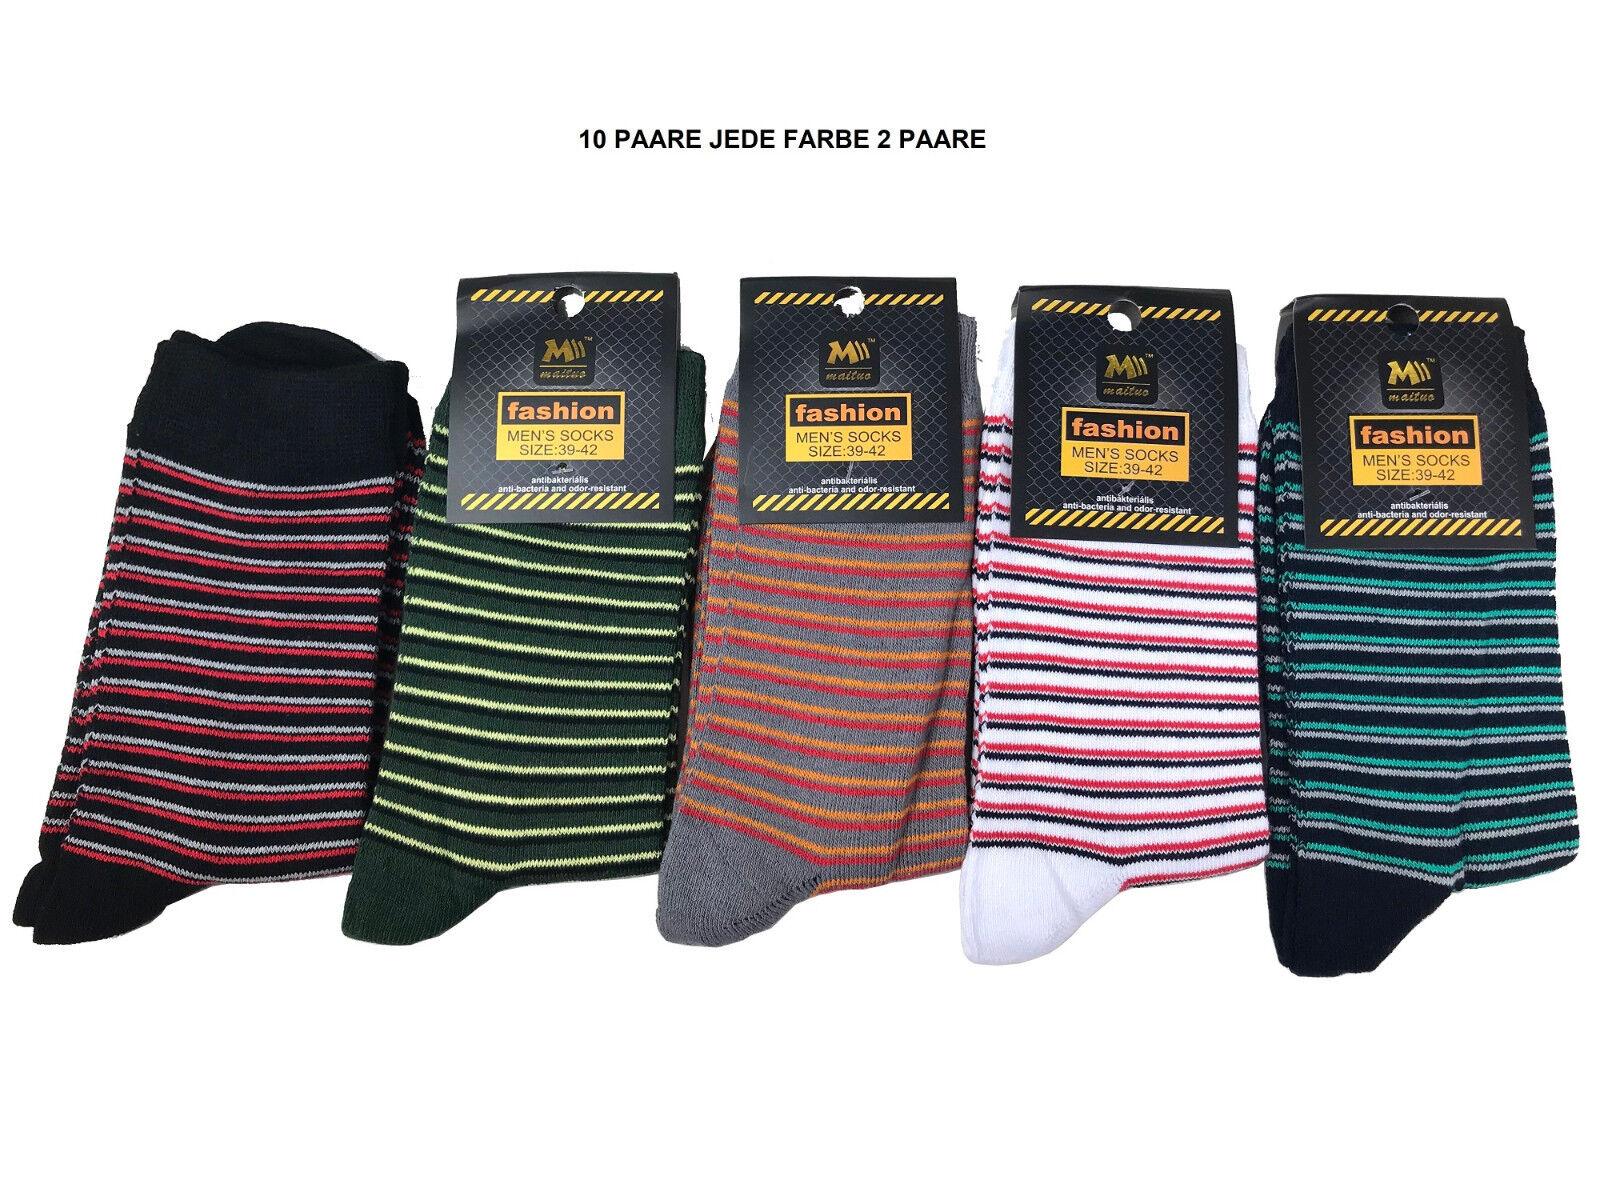 Herren Socken Baumwolle 10er Pack gestreift in 5 Farben socks for men 161014